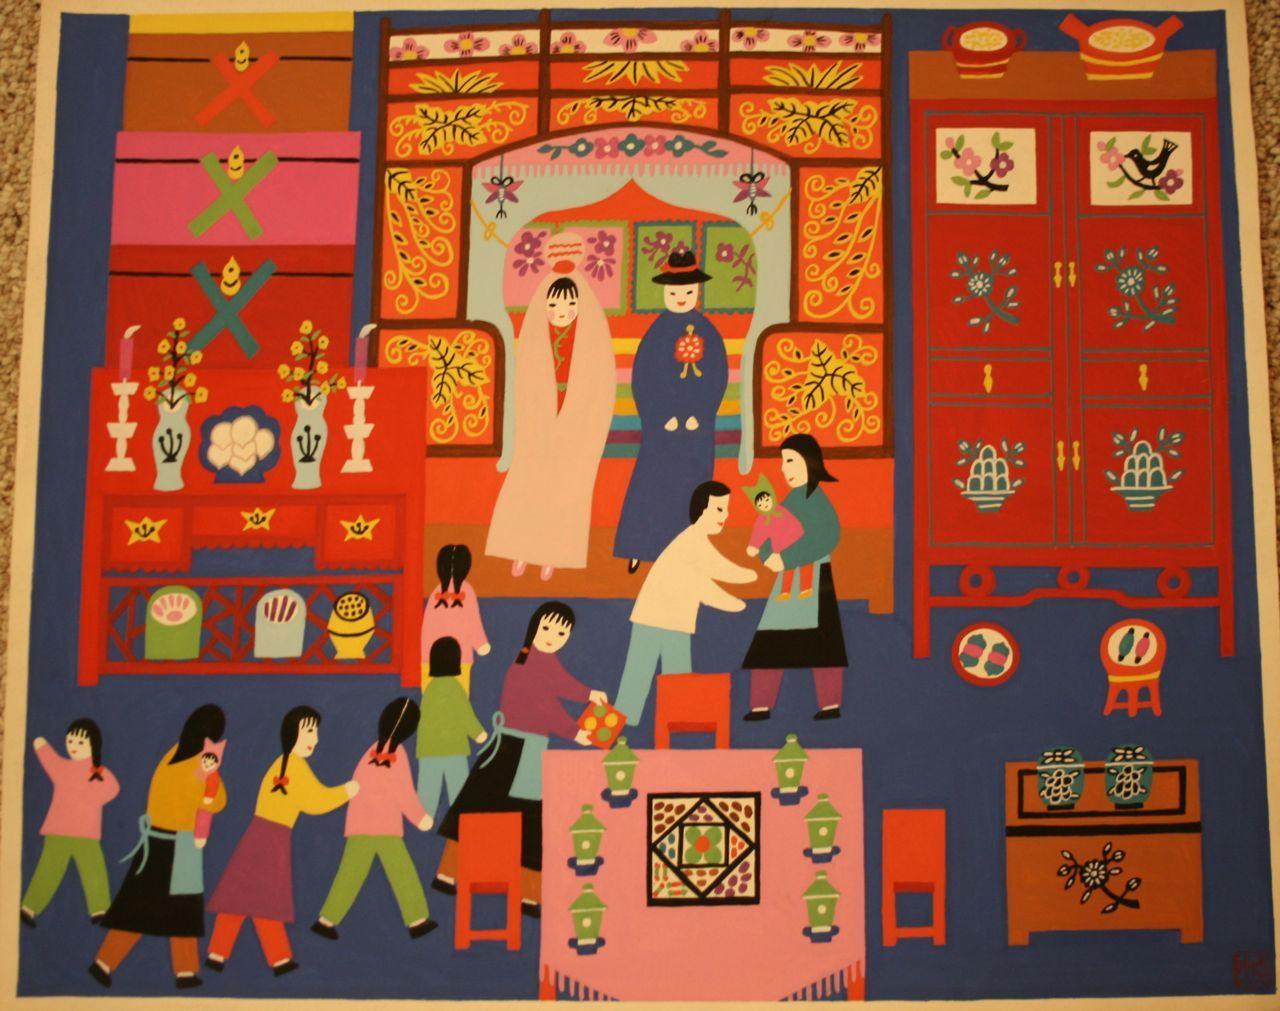 20paintings fishing jpg chinese peasant paintings pinterest - Chinese Farmer Paintings Iii Graber Designs